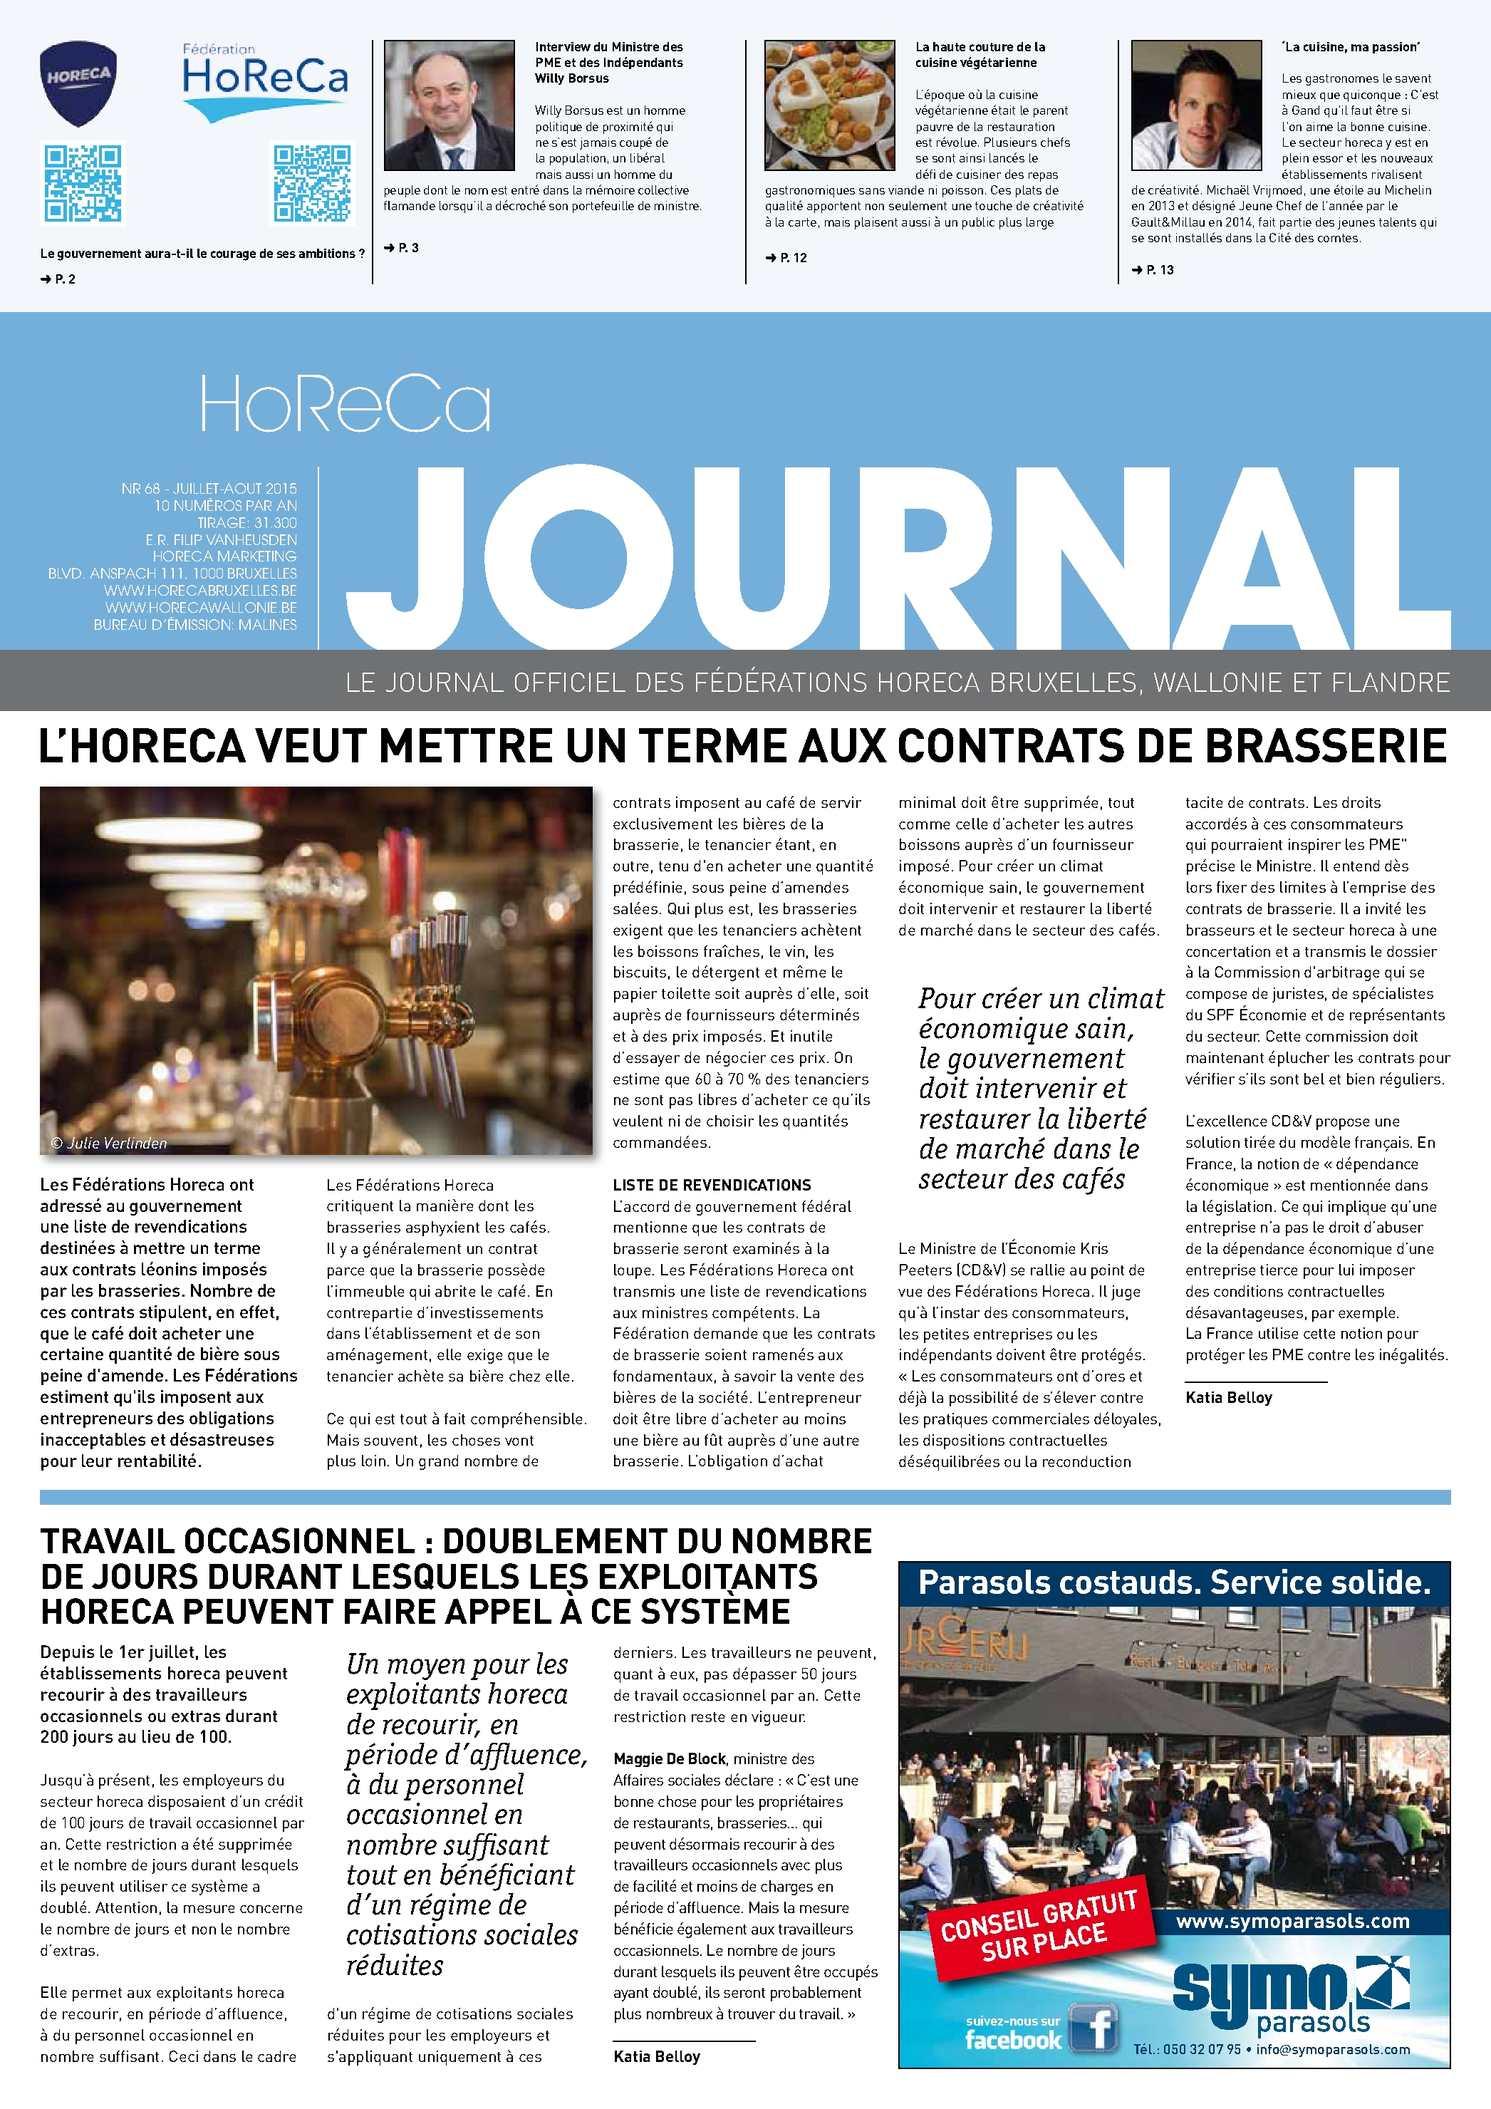 Calaméo - Horeca Journal Juillet 2015 b0aaf348ca1